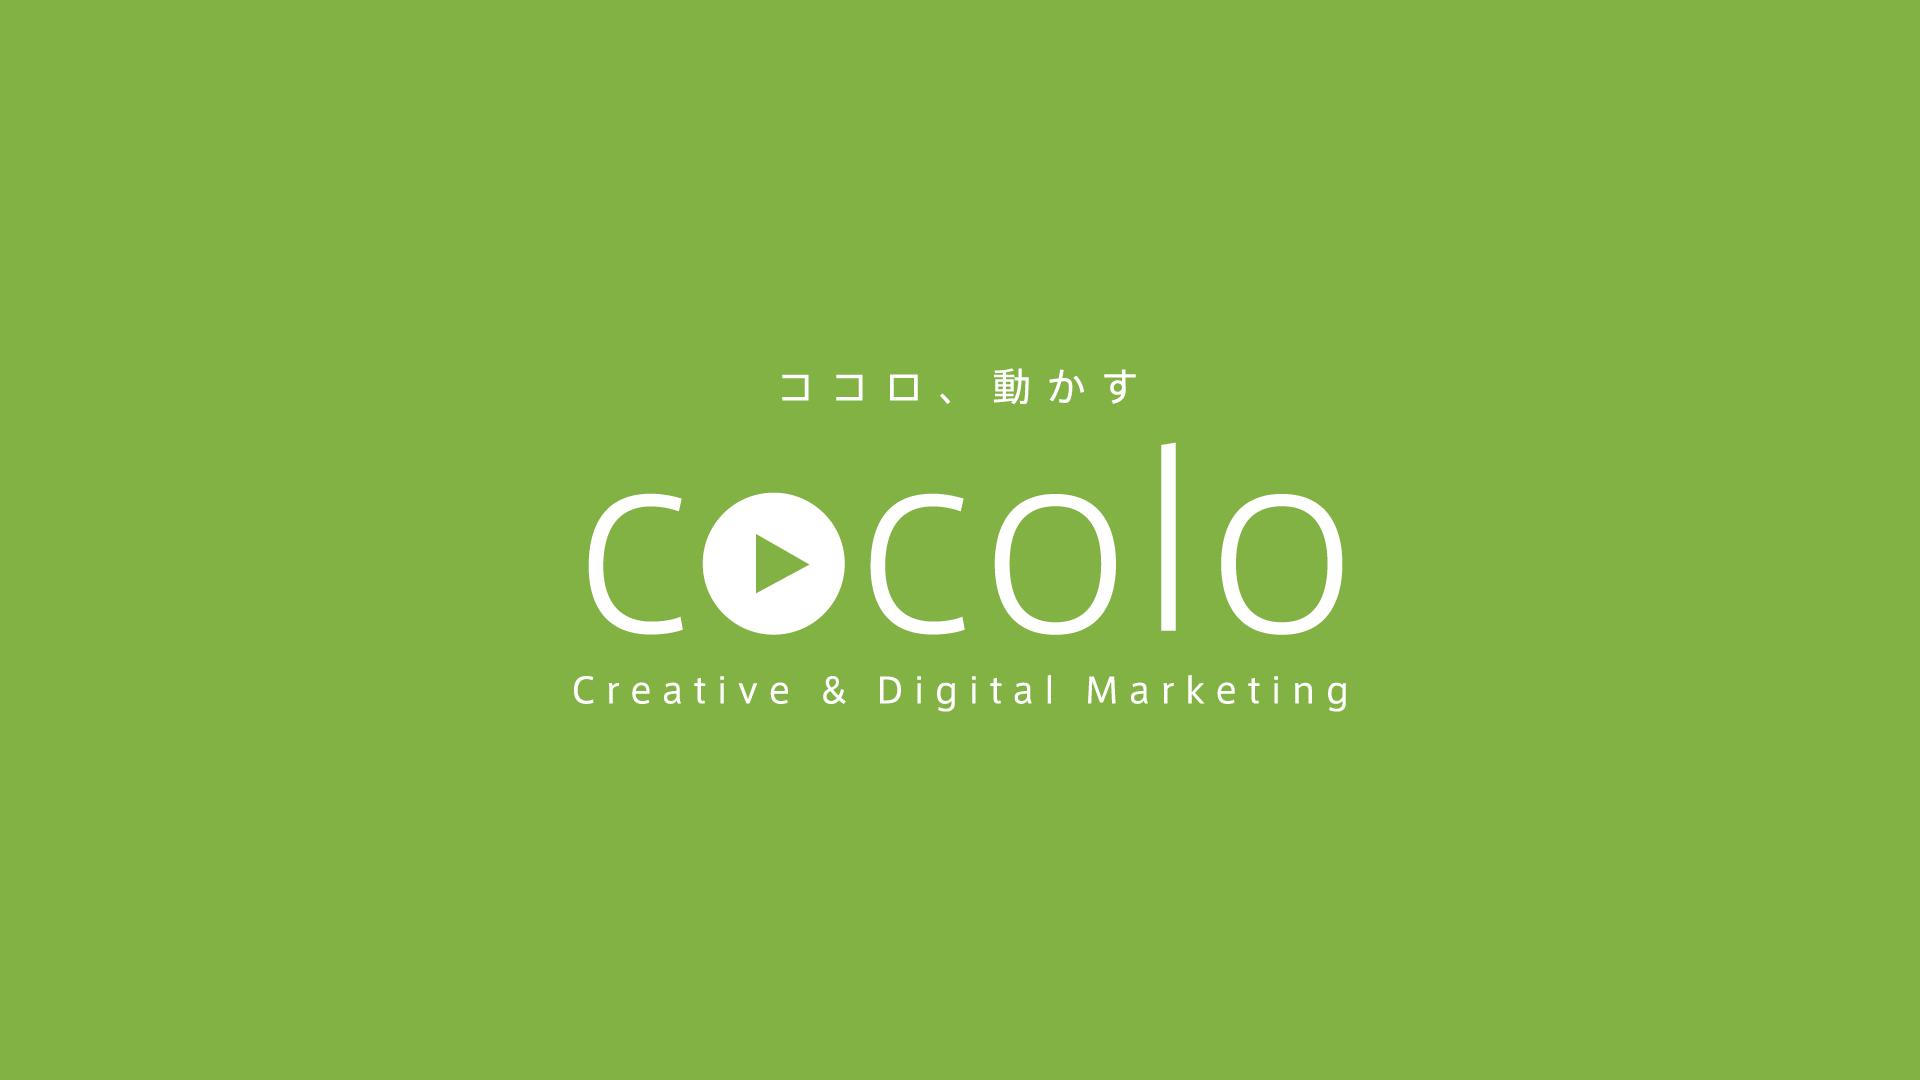 ココロ株式会社のロゴ